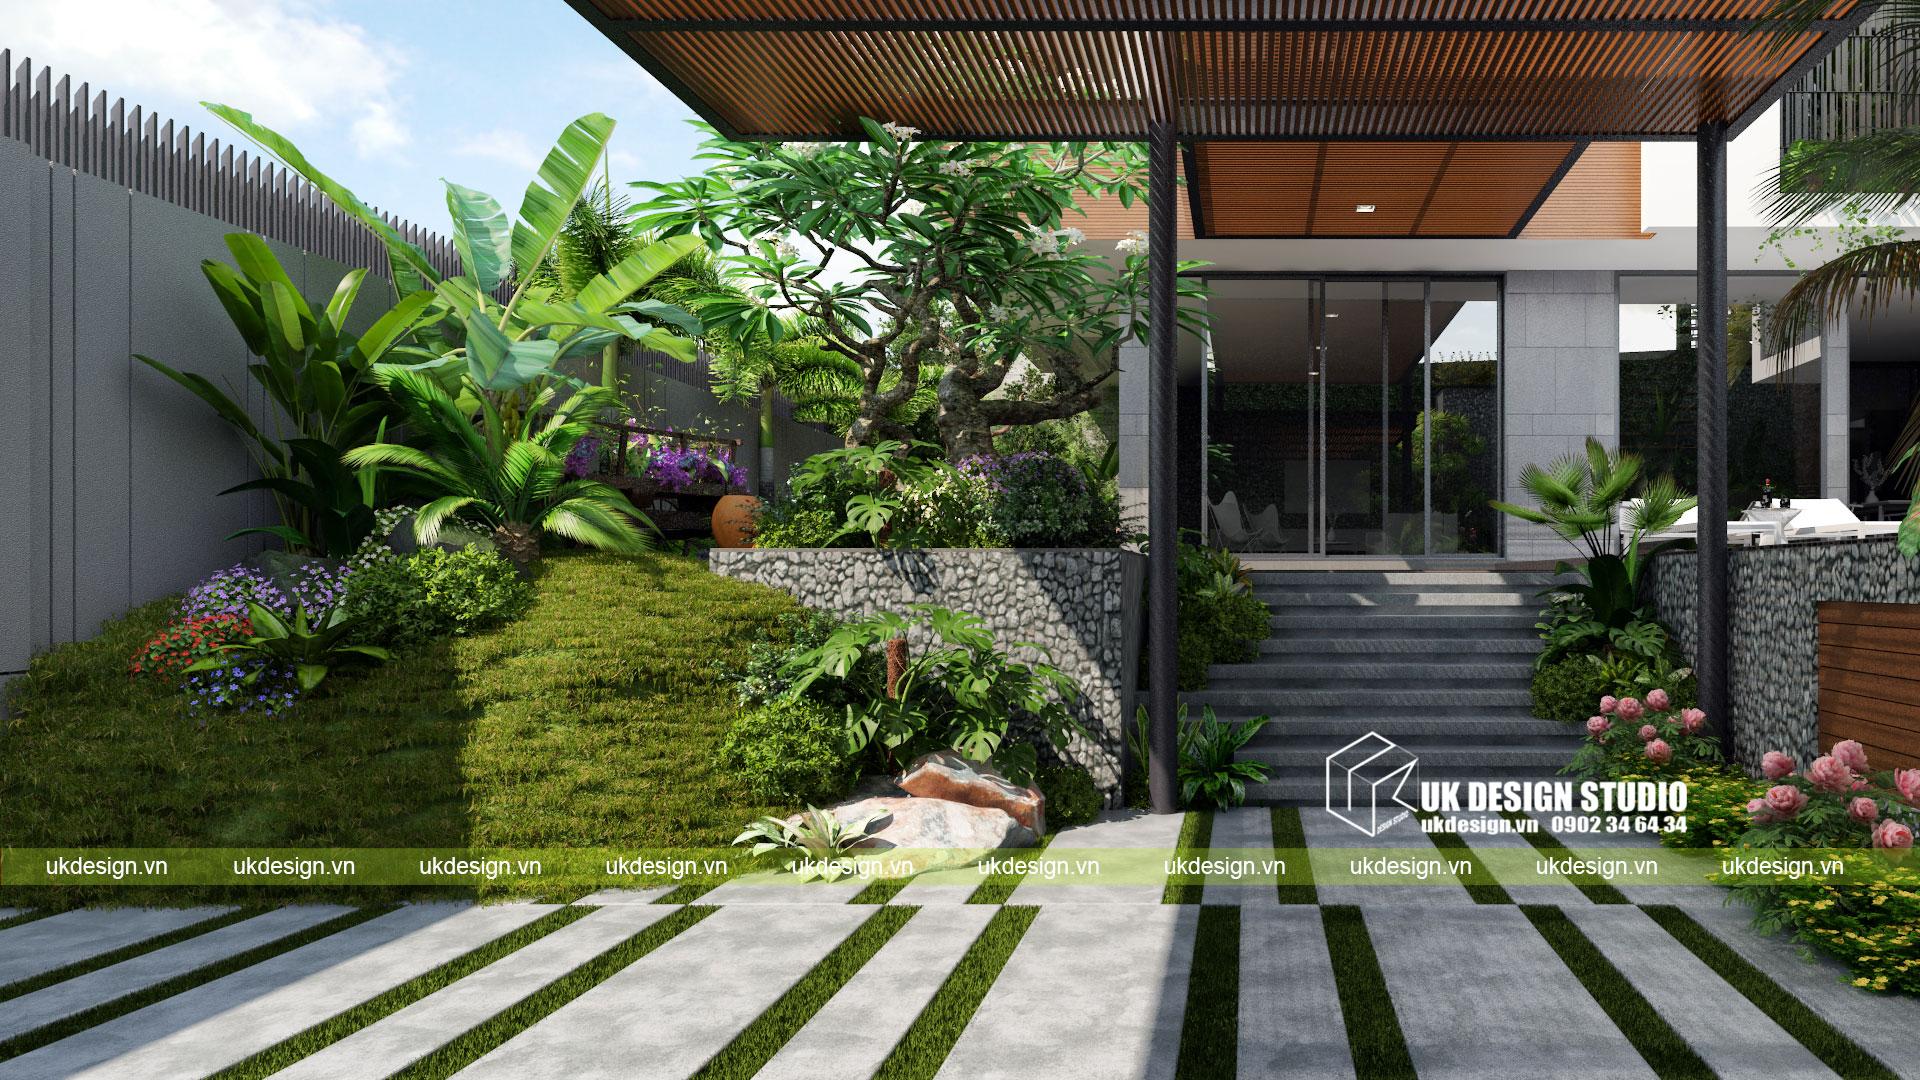 Thiết kế biệt thự vườn có hồ bơi ở Sài Gòn - 3